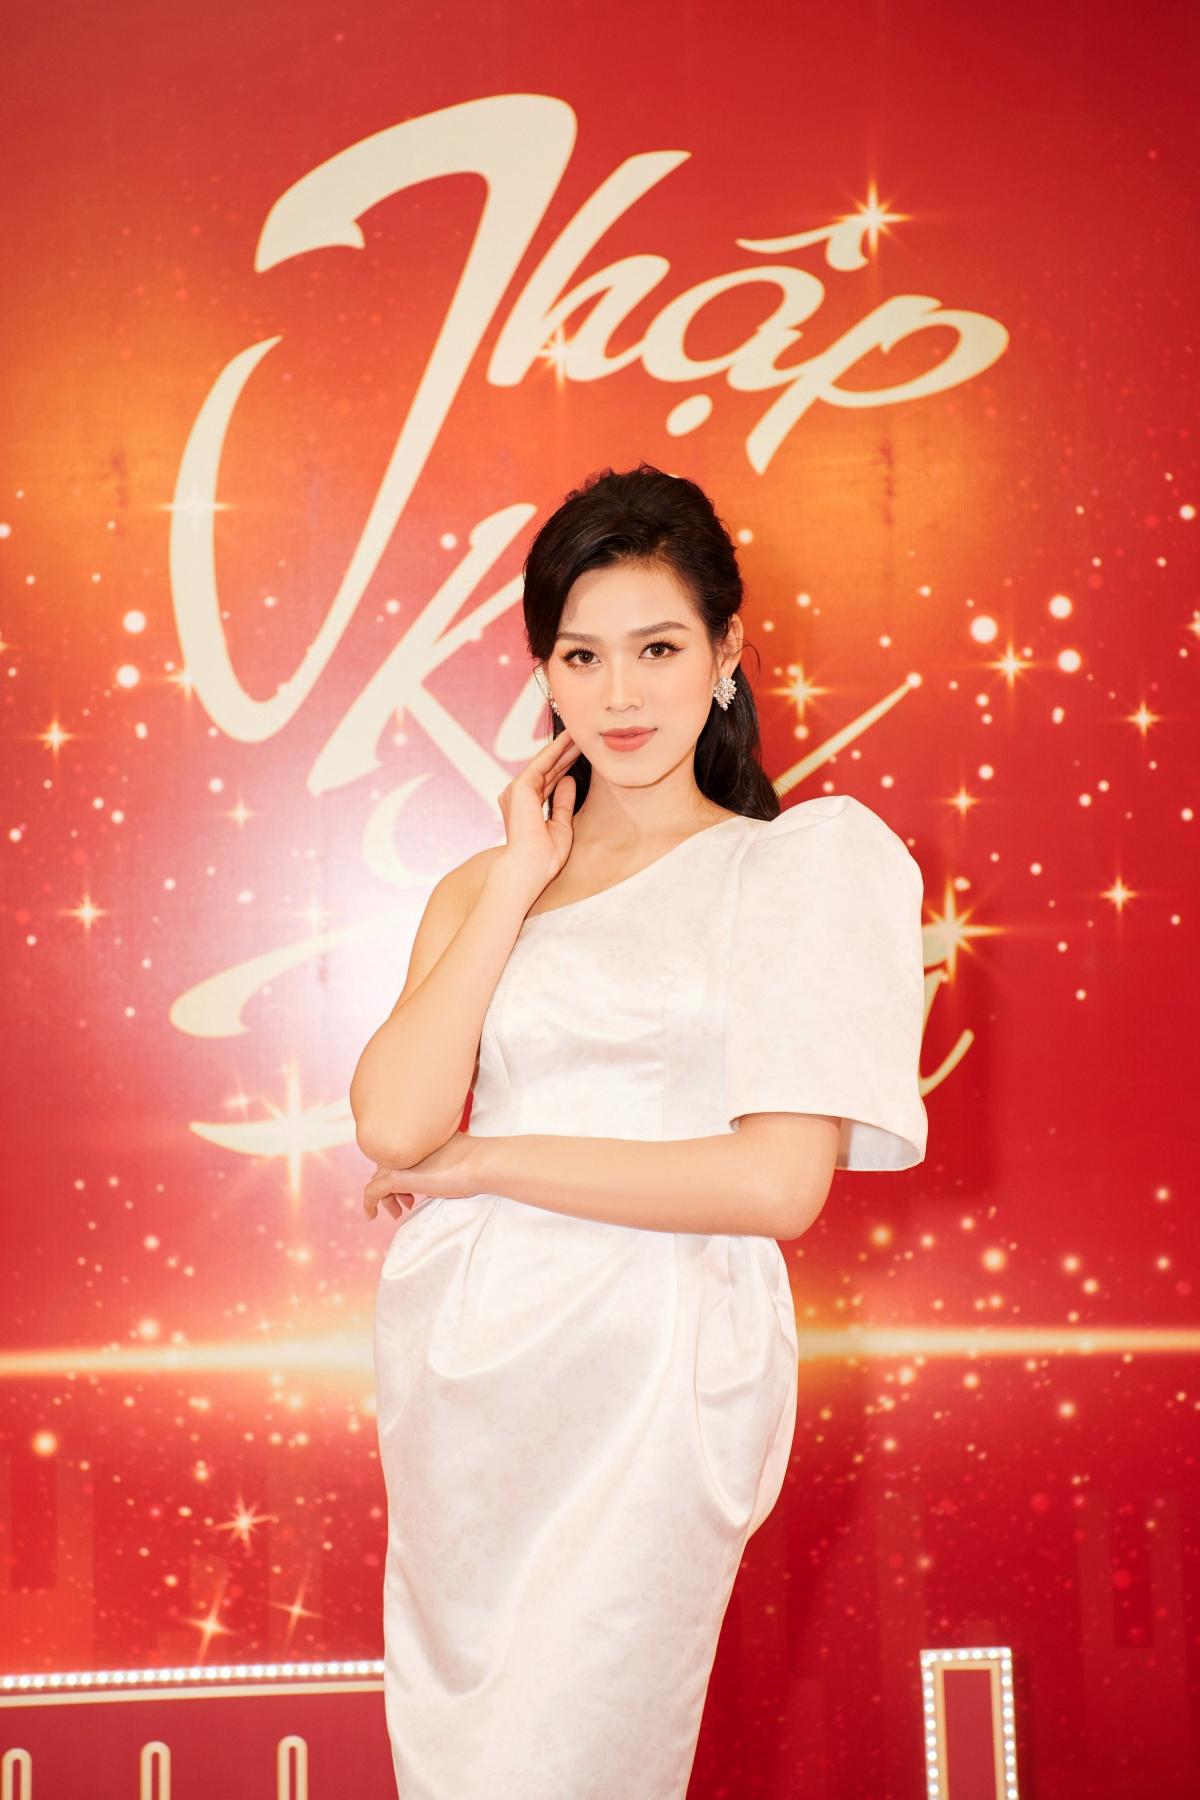 Góp mặt tại chương trình, Đỗ Hà lựa chọn trang phục lệch vai hết sức ngọt ngào, thanh lịch và trang nhã.